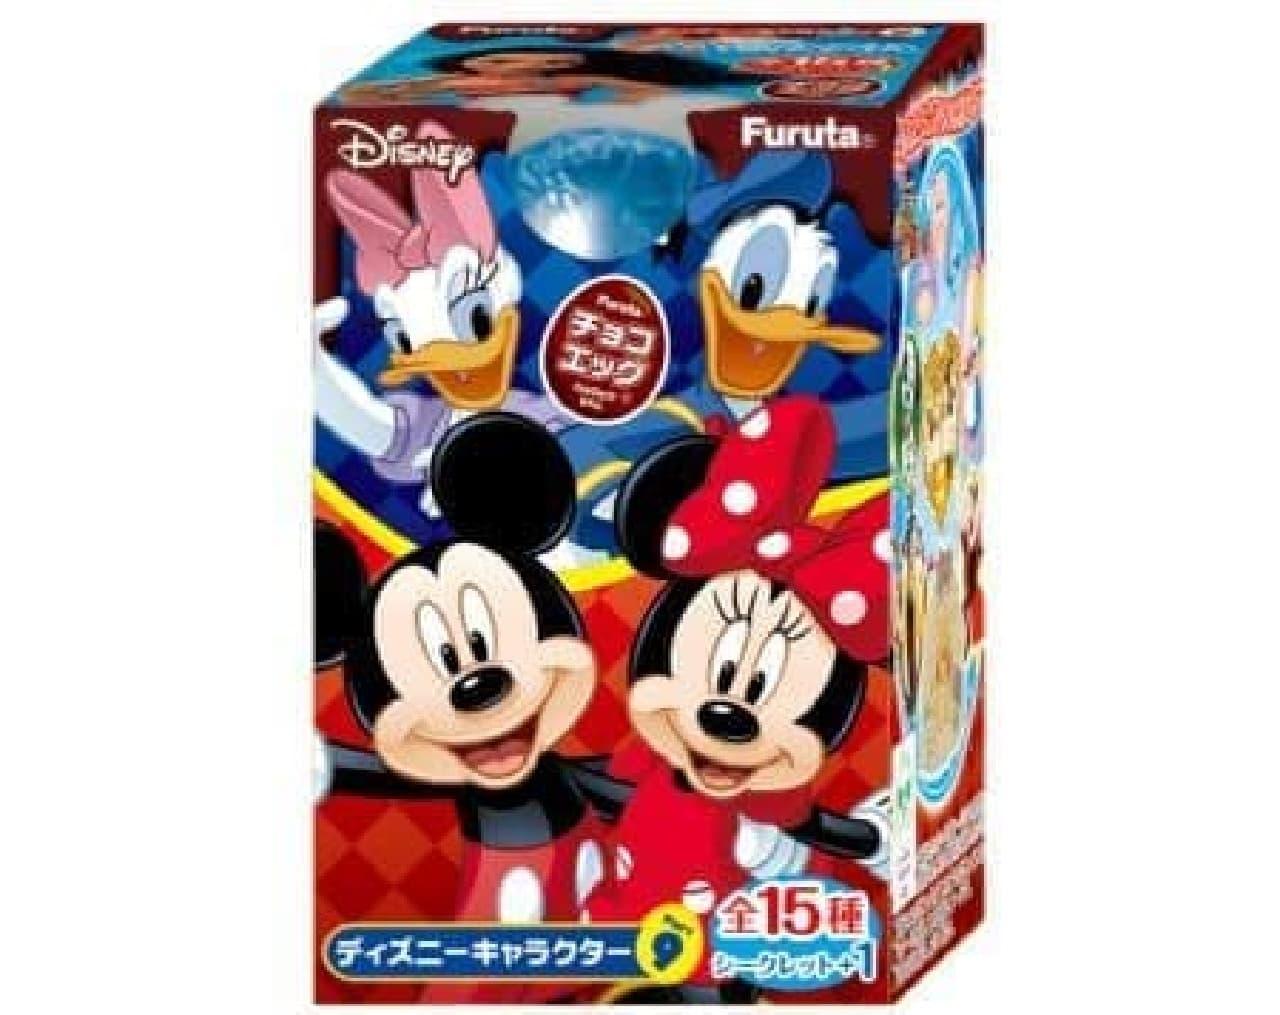 「チョコエッグ ディズニーキャラクター第9弾は、ディズニーキャラクターフィギュアが入った卵型のチョコ菓子